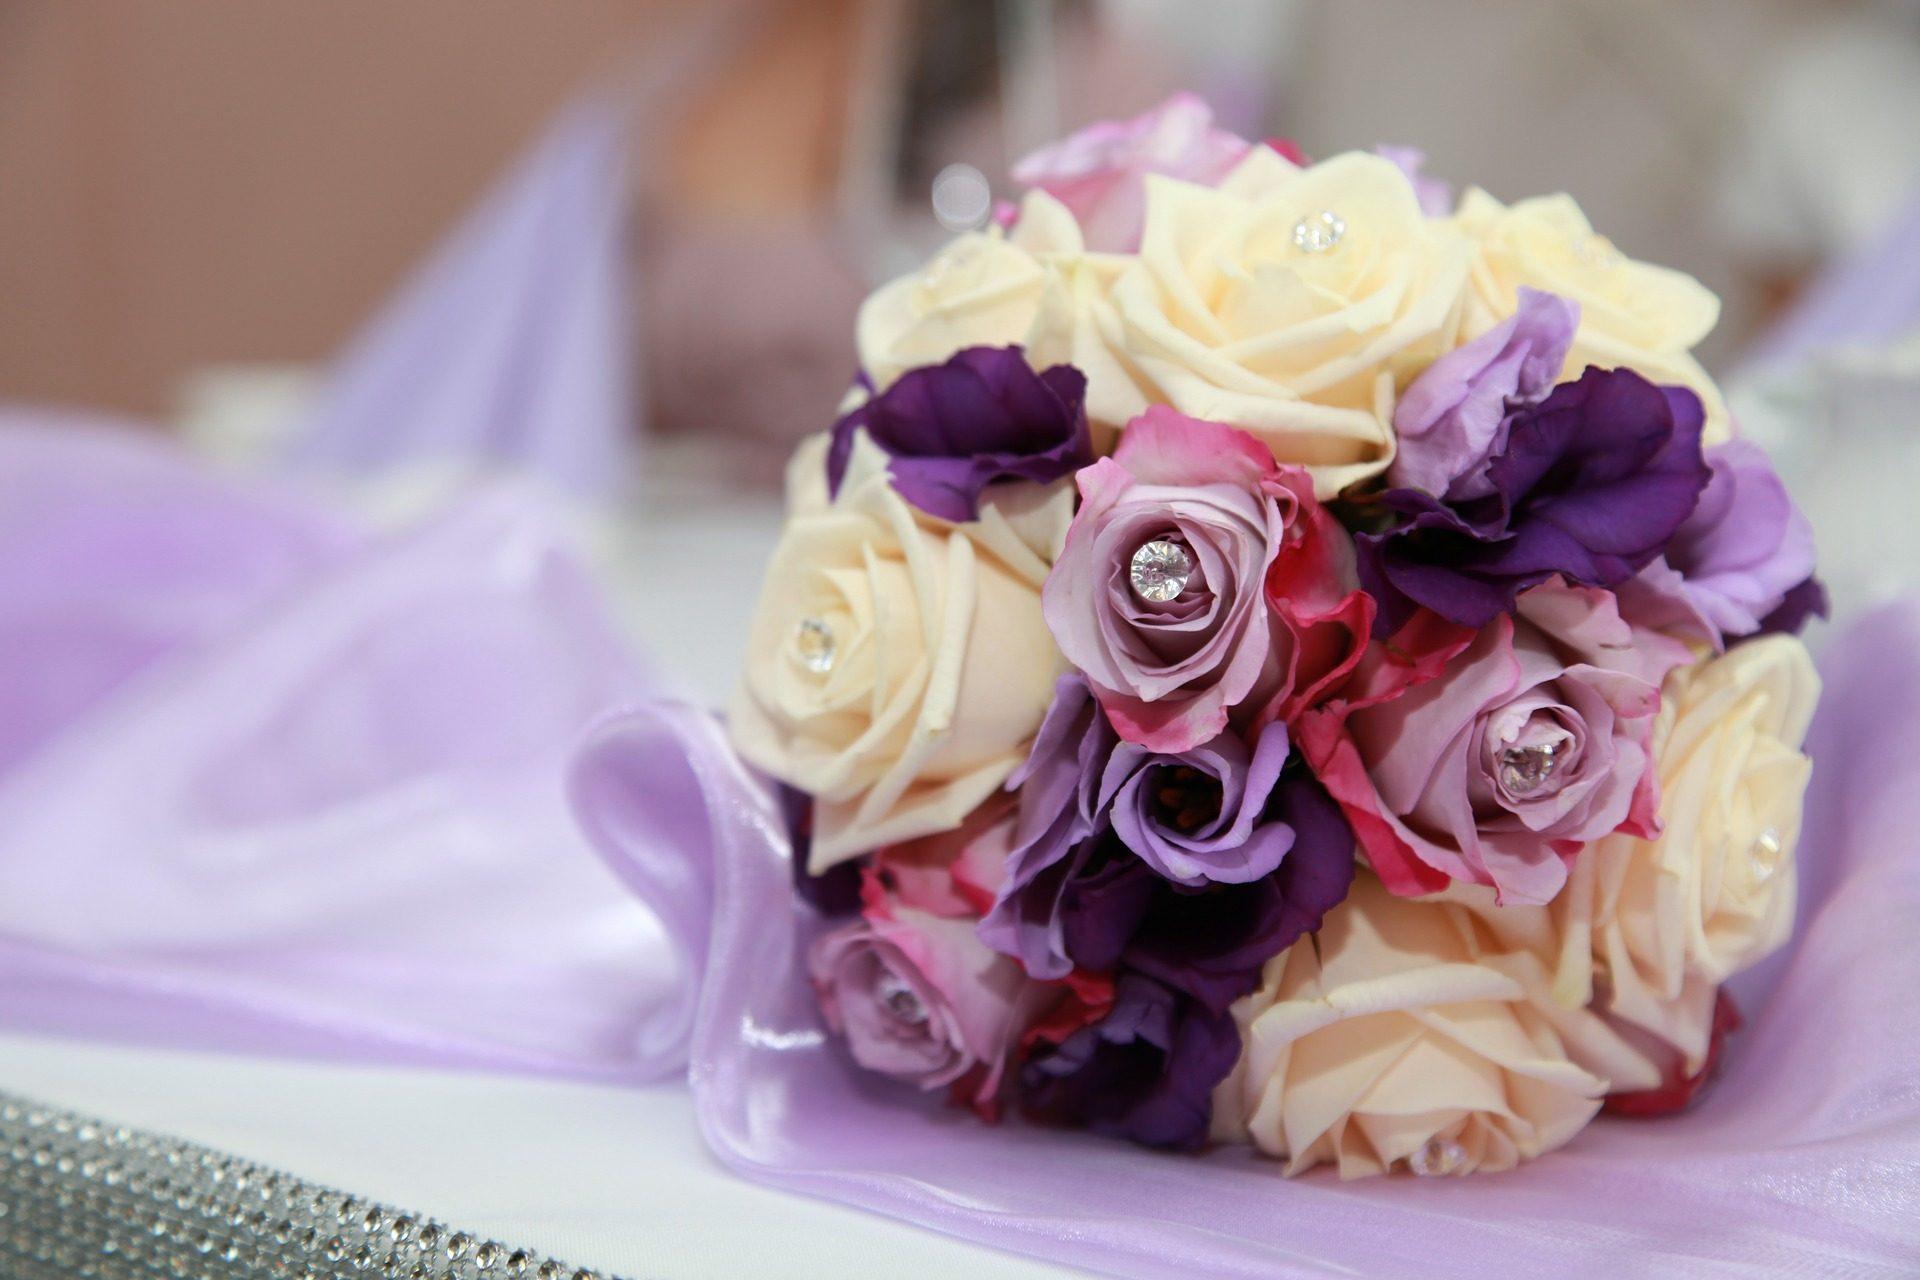 फूल, गुलदस्ता, boda, शादी, लिंक - HD वॉलपेपर - प्रोफेसर-falken.com